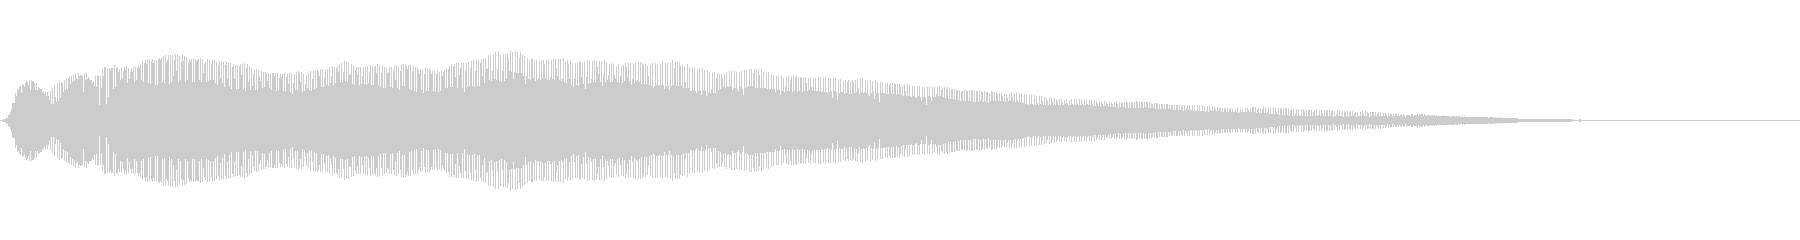 ニャーン 猫の鳴き声(甘える)の未再生の波形